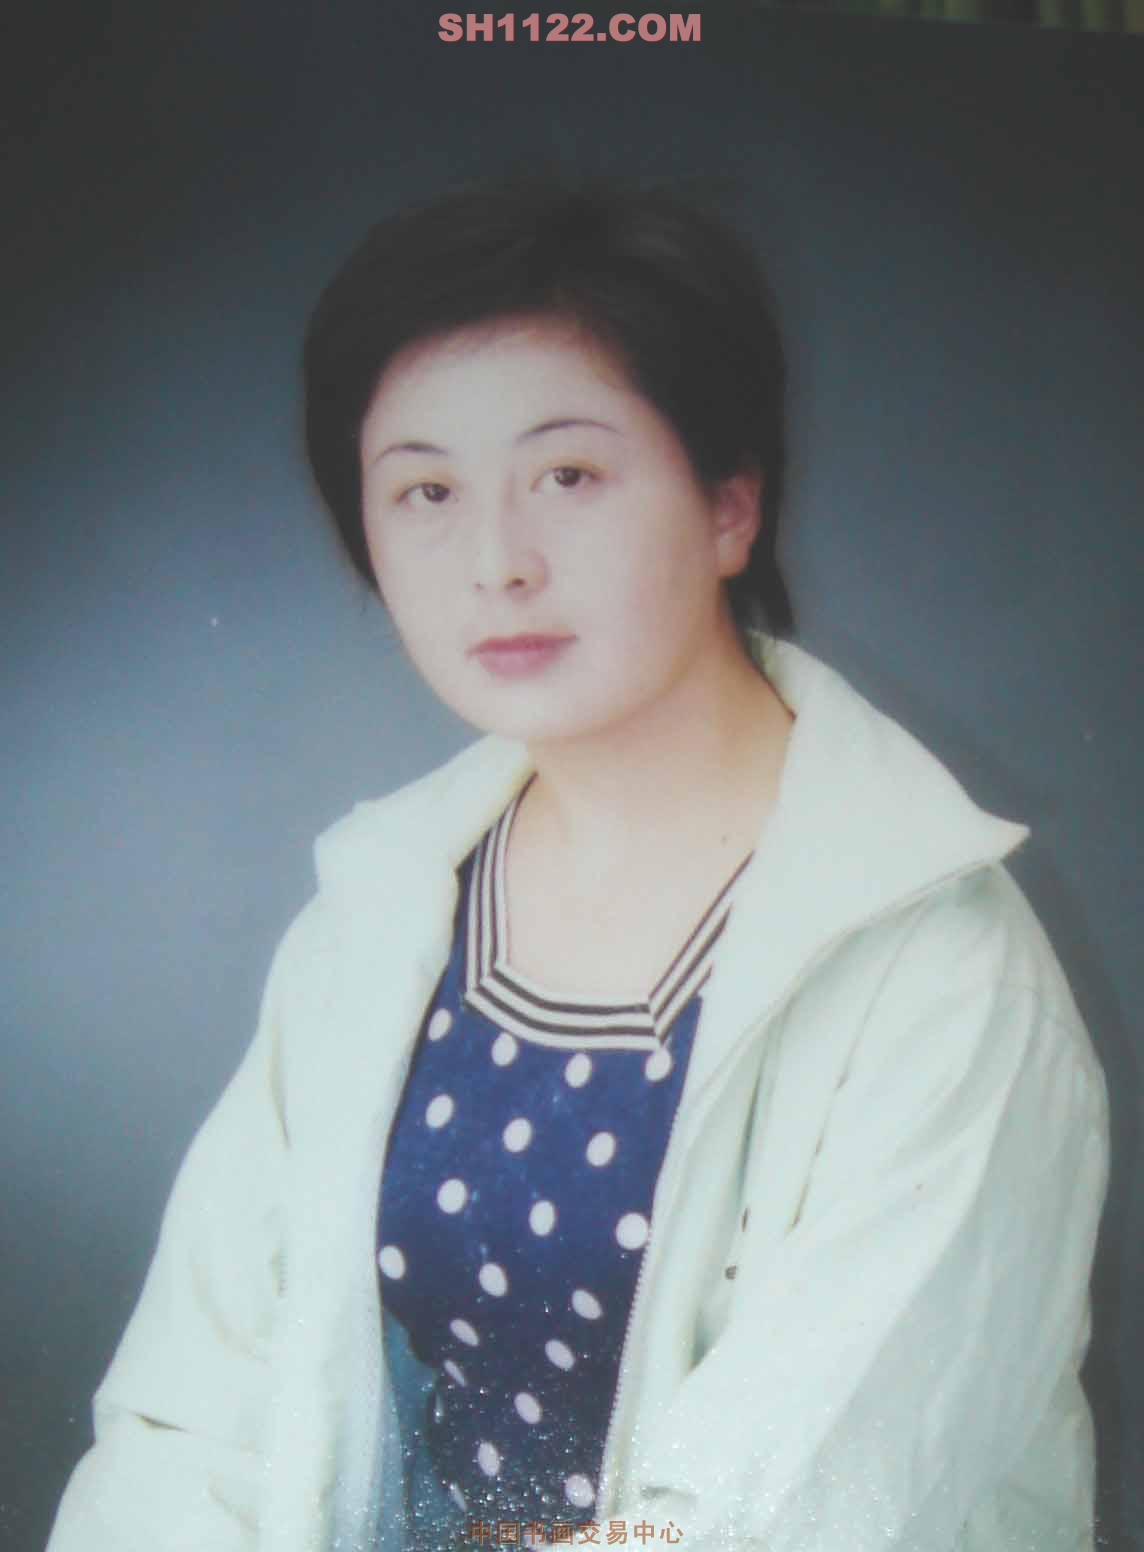 网络红人刘琳素颜